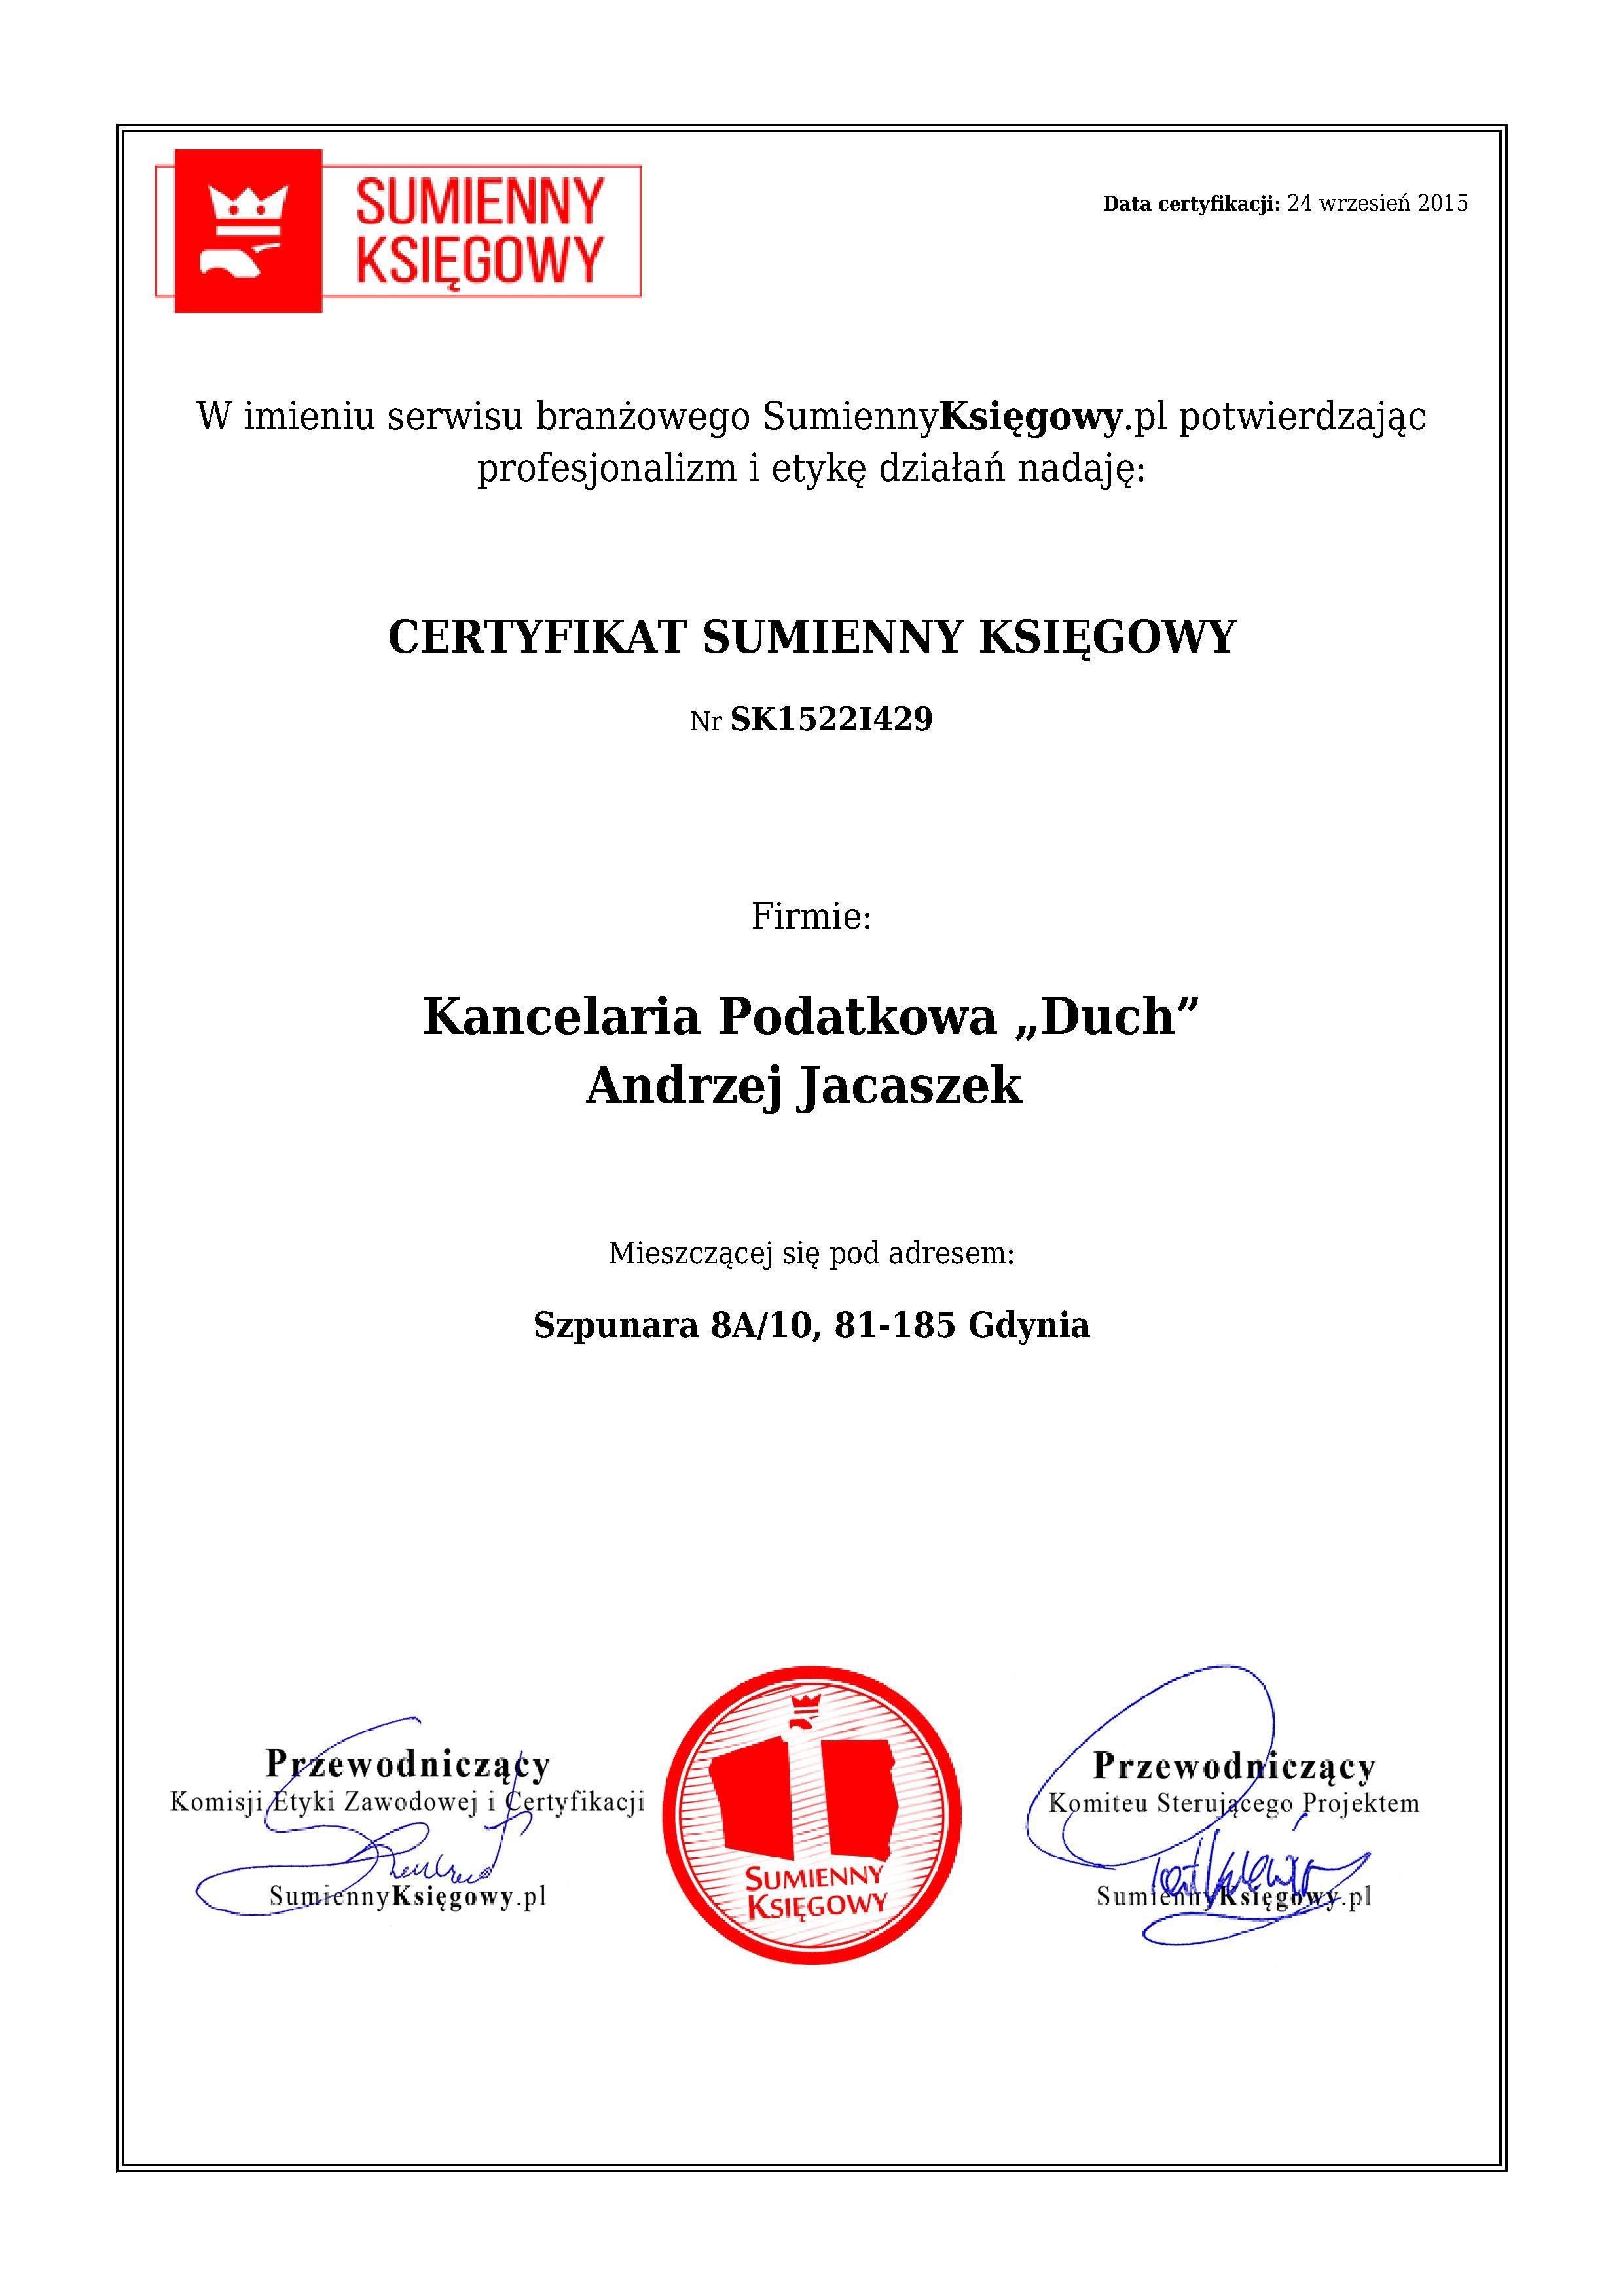 """Certyfikat Kancelaria Podatkowa """"Duch"""" Andrzej Jacaszek"""